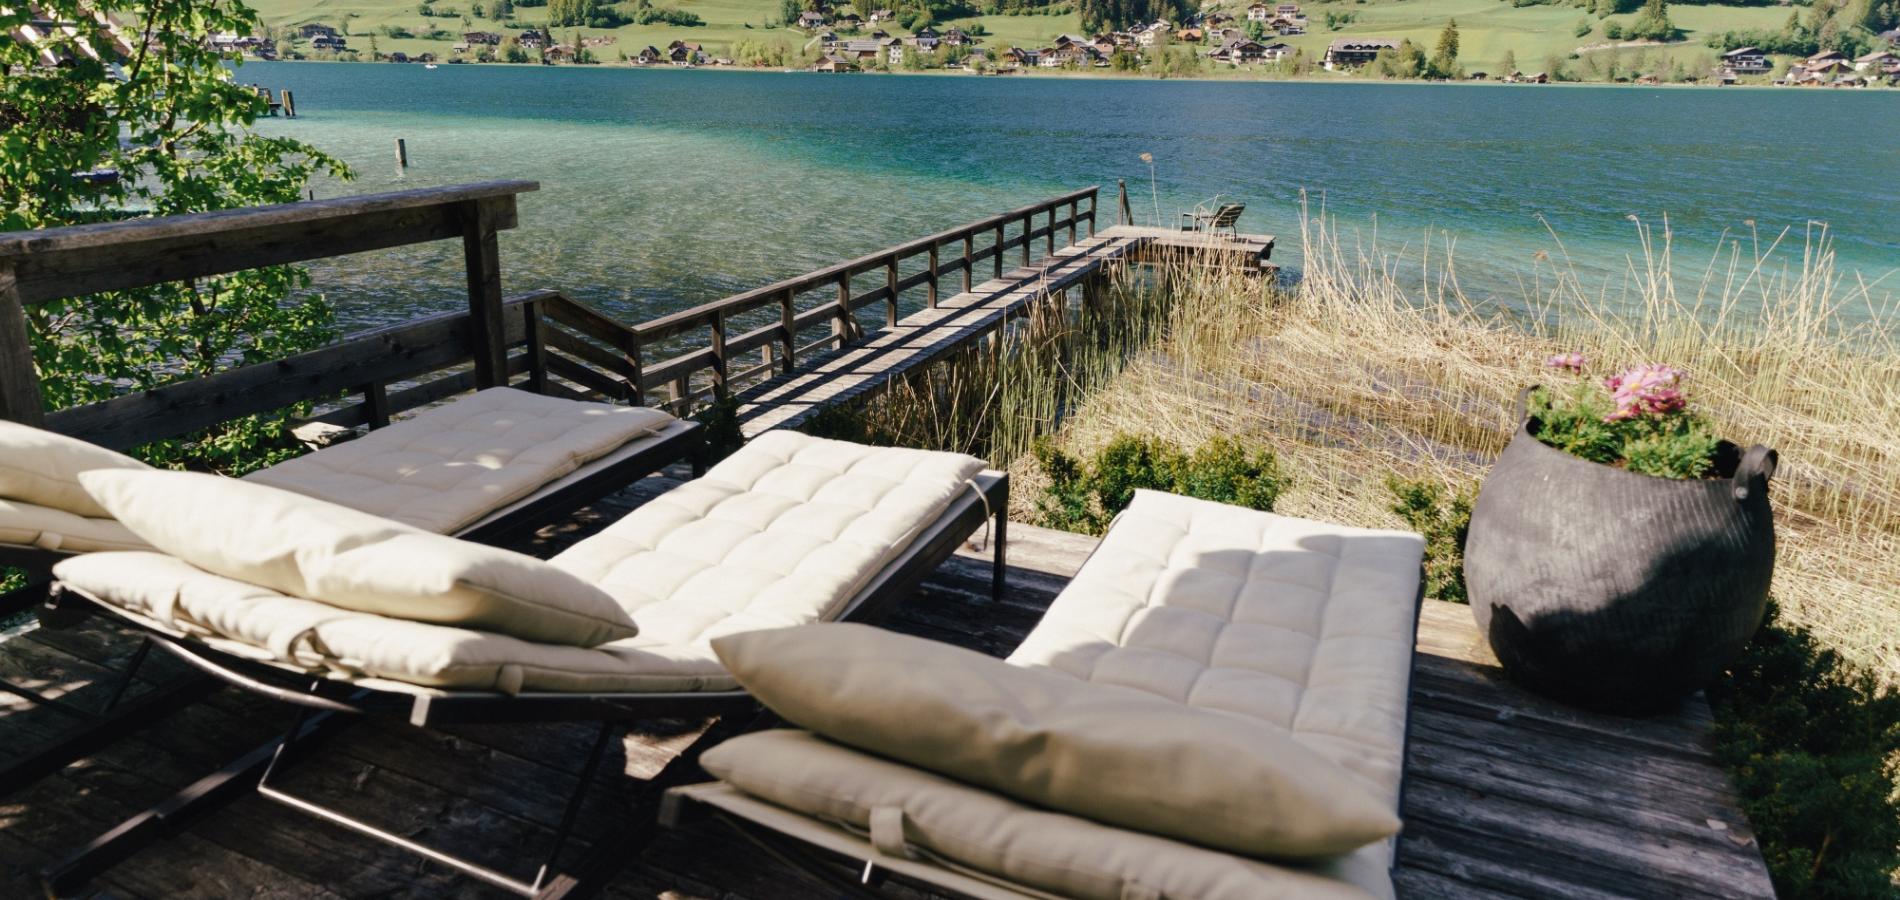 Architekten-Ferienhaus Murray Hill mit eigenem Badeplatz am Weißensee bei Seebnb